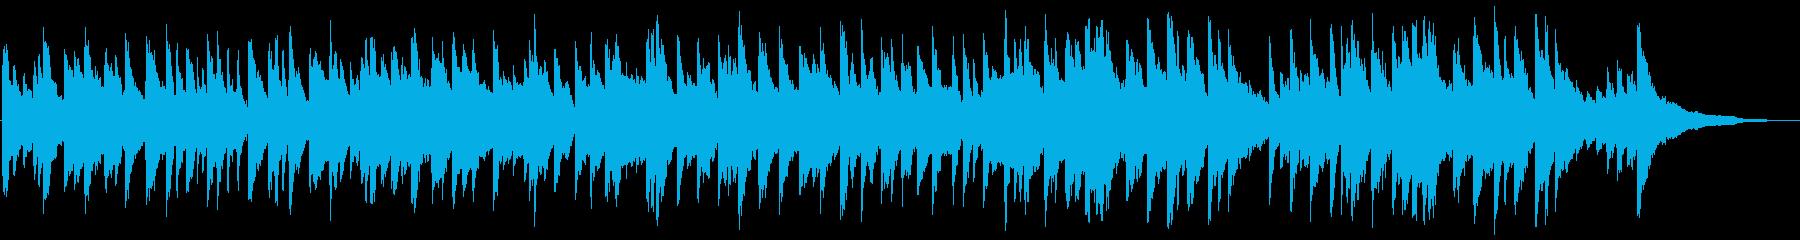 優しく温かい感動のピアノ曲の再生済みの波形